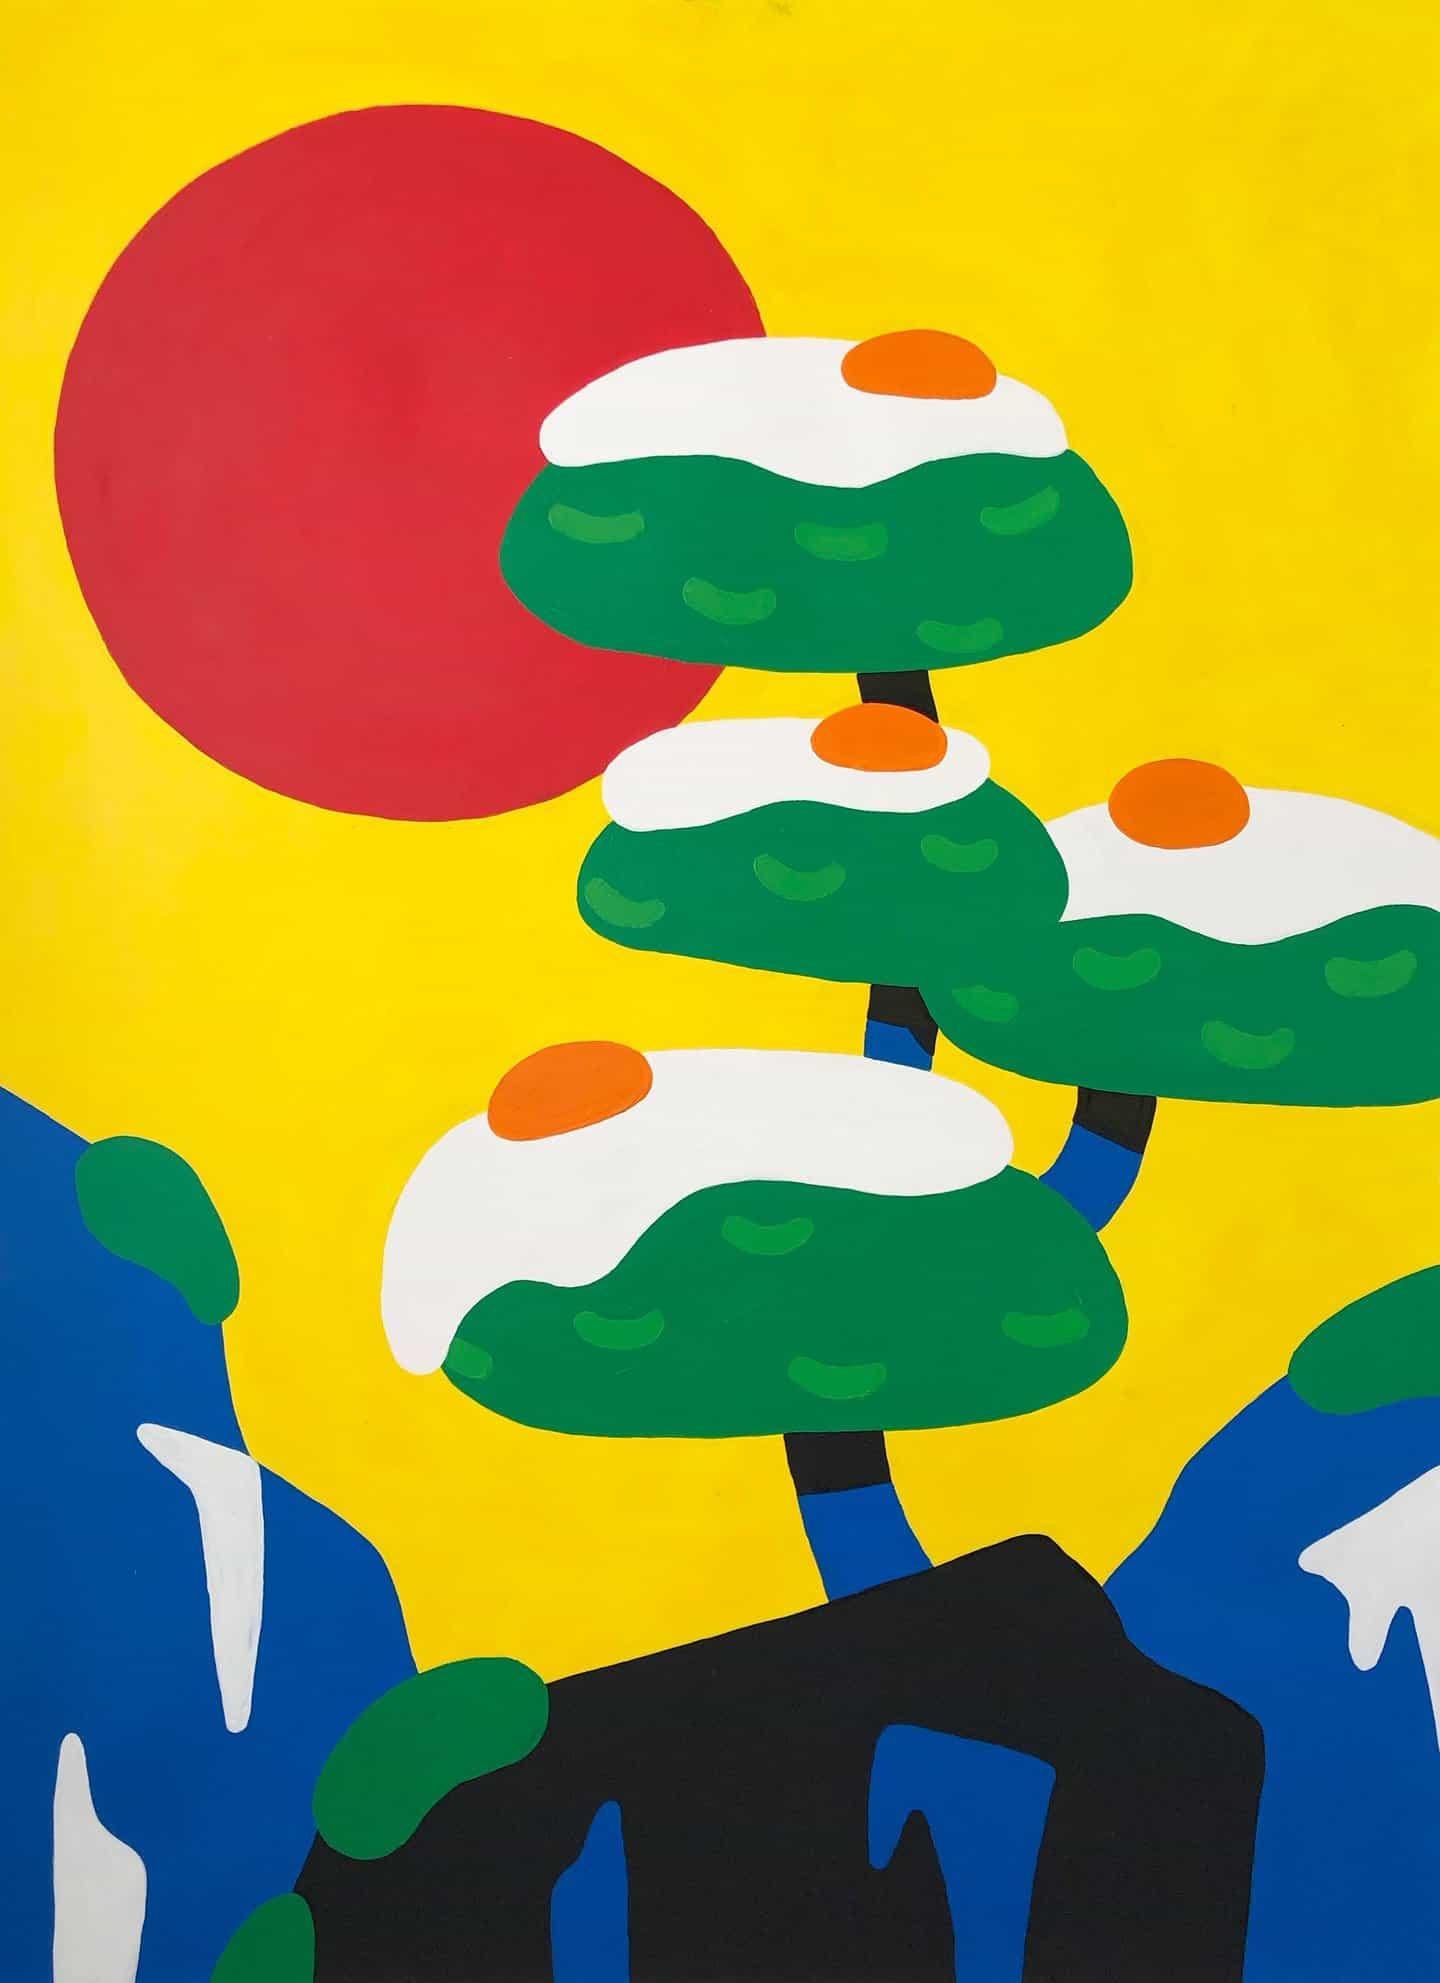 Las exuberantes pinturas de Cha están inspiradas en la comida, el patrimonio mixto y los televisores retro para niños